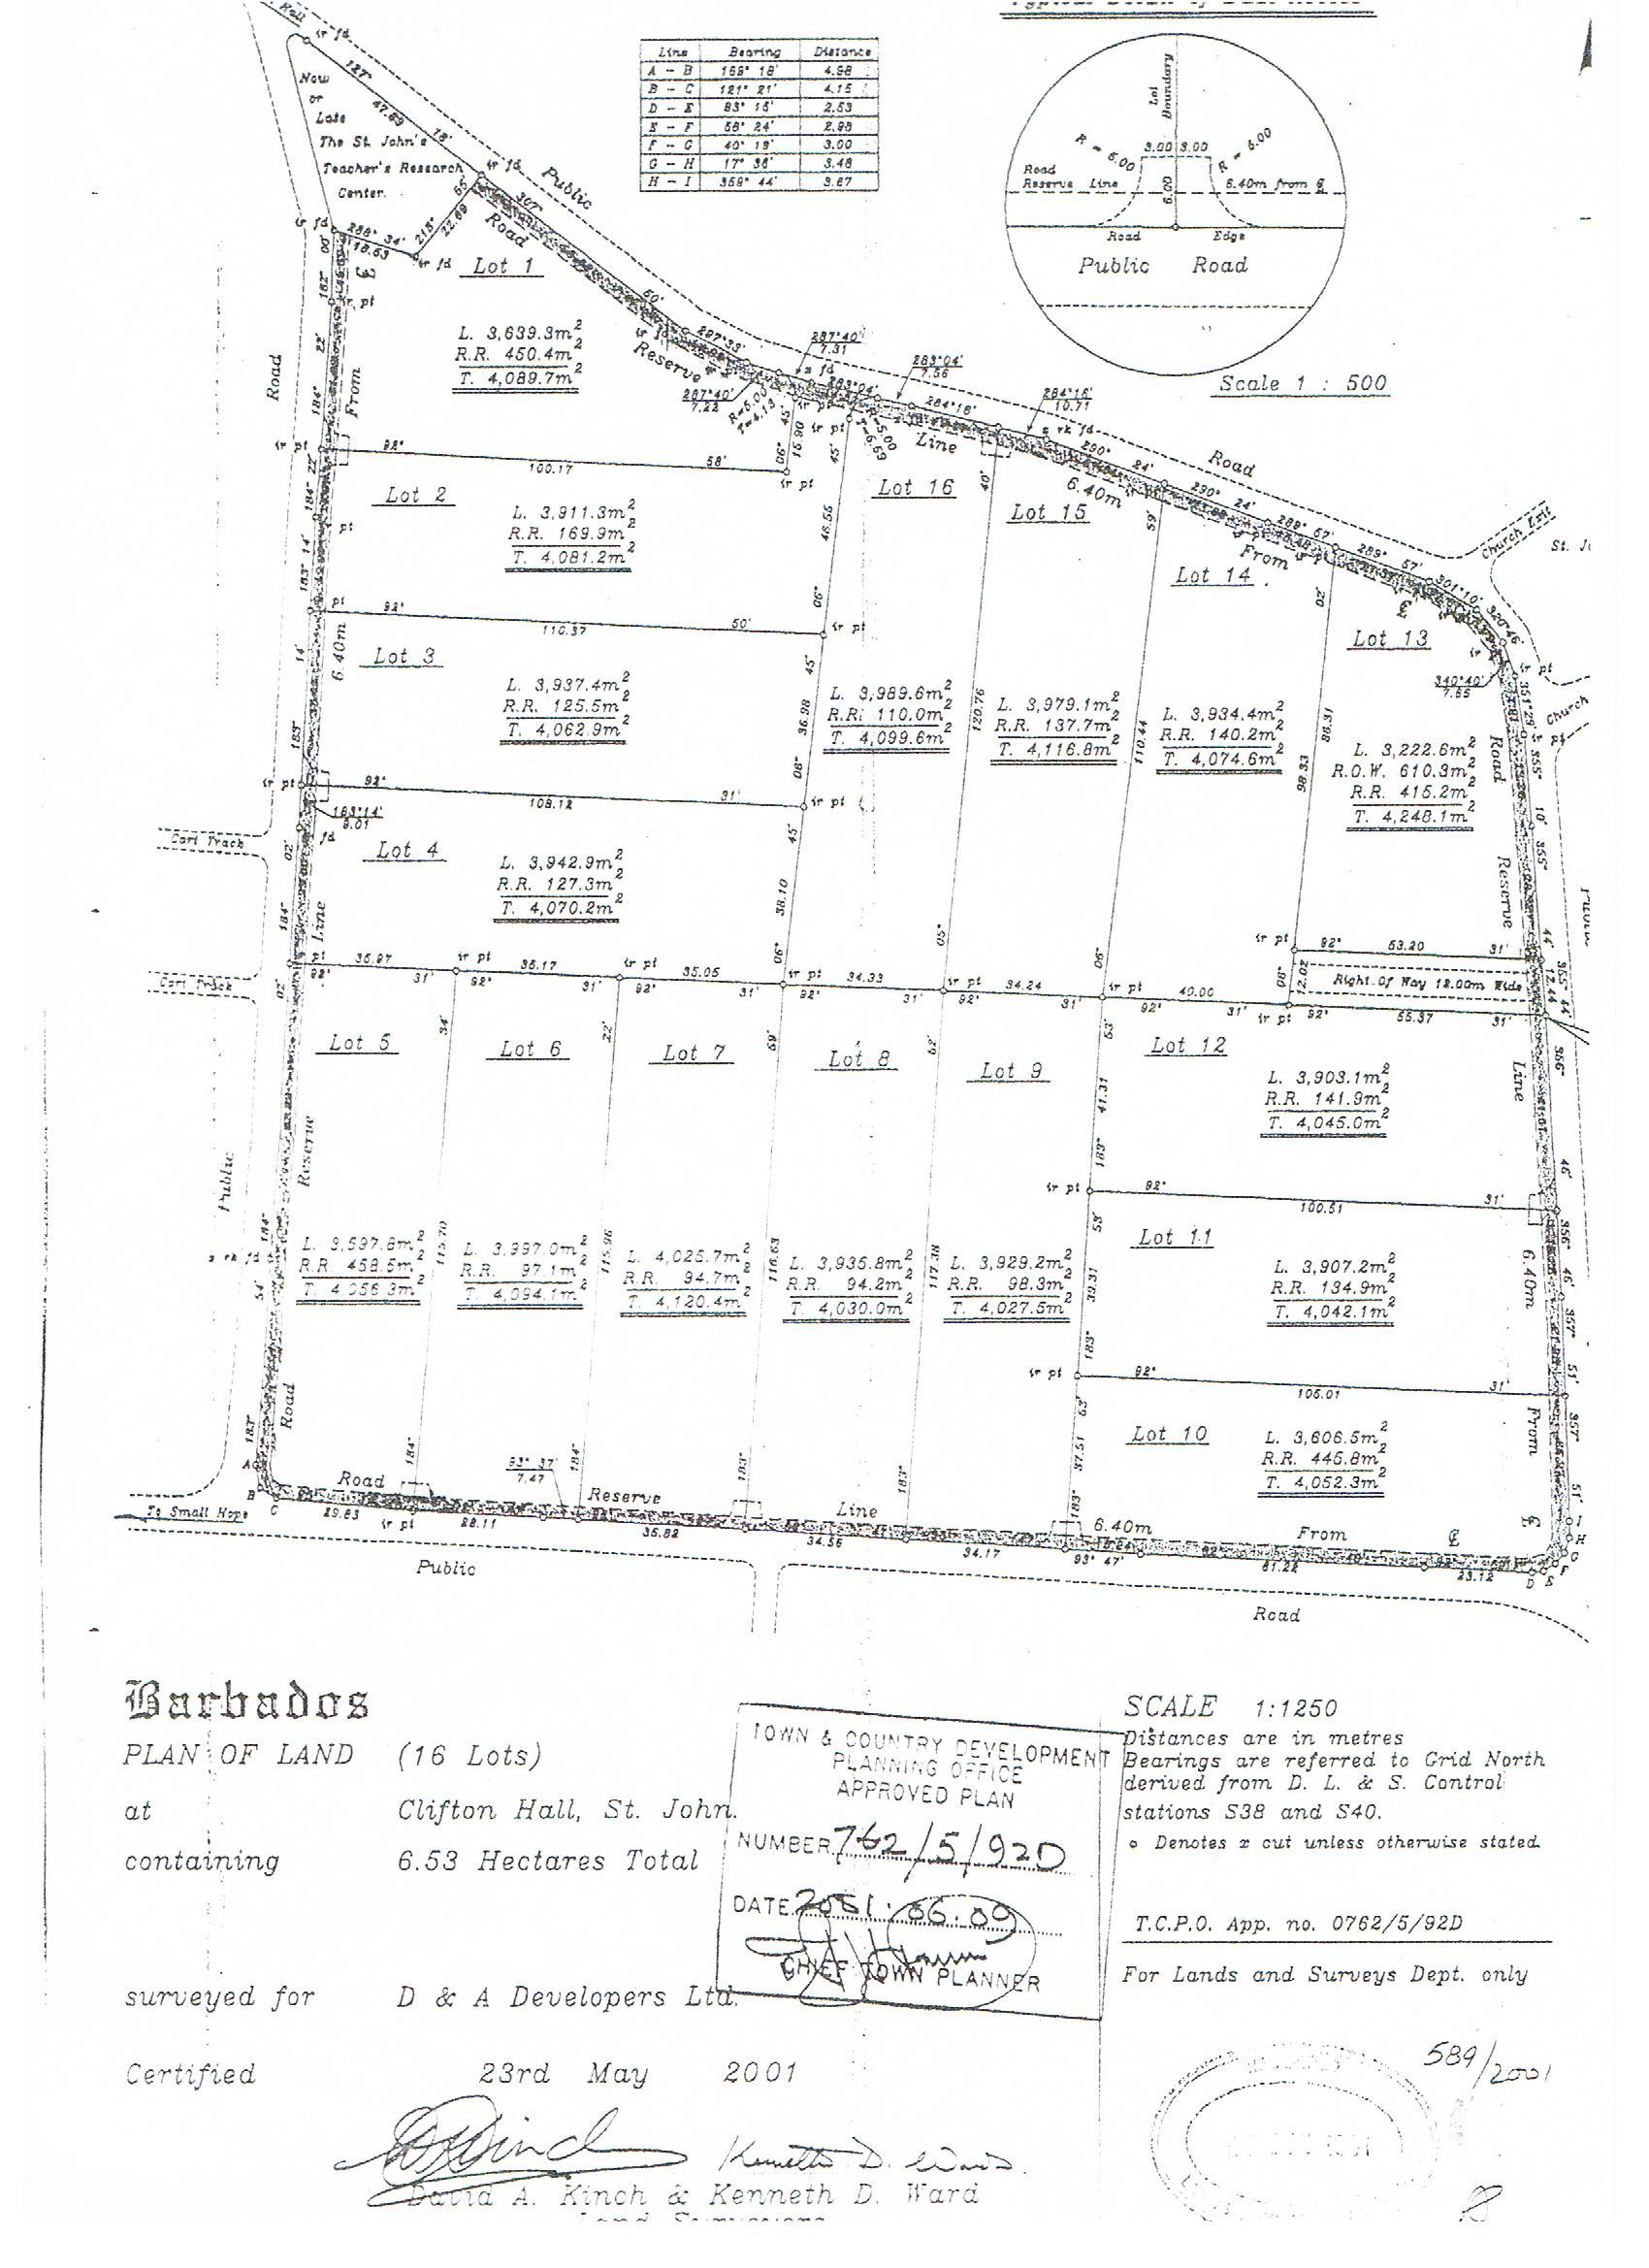 Clifton Hall Lot #16, St. John - BRB (photo 2)